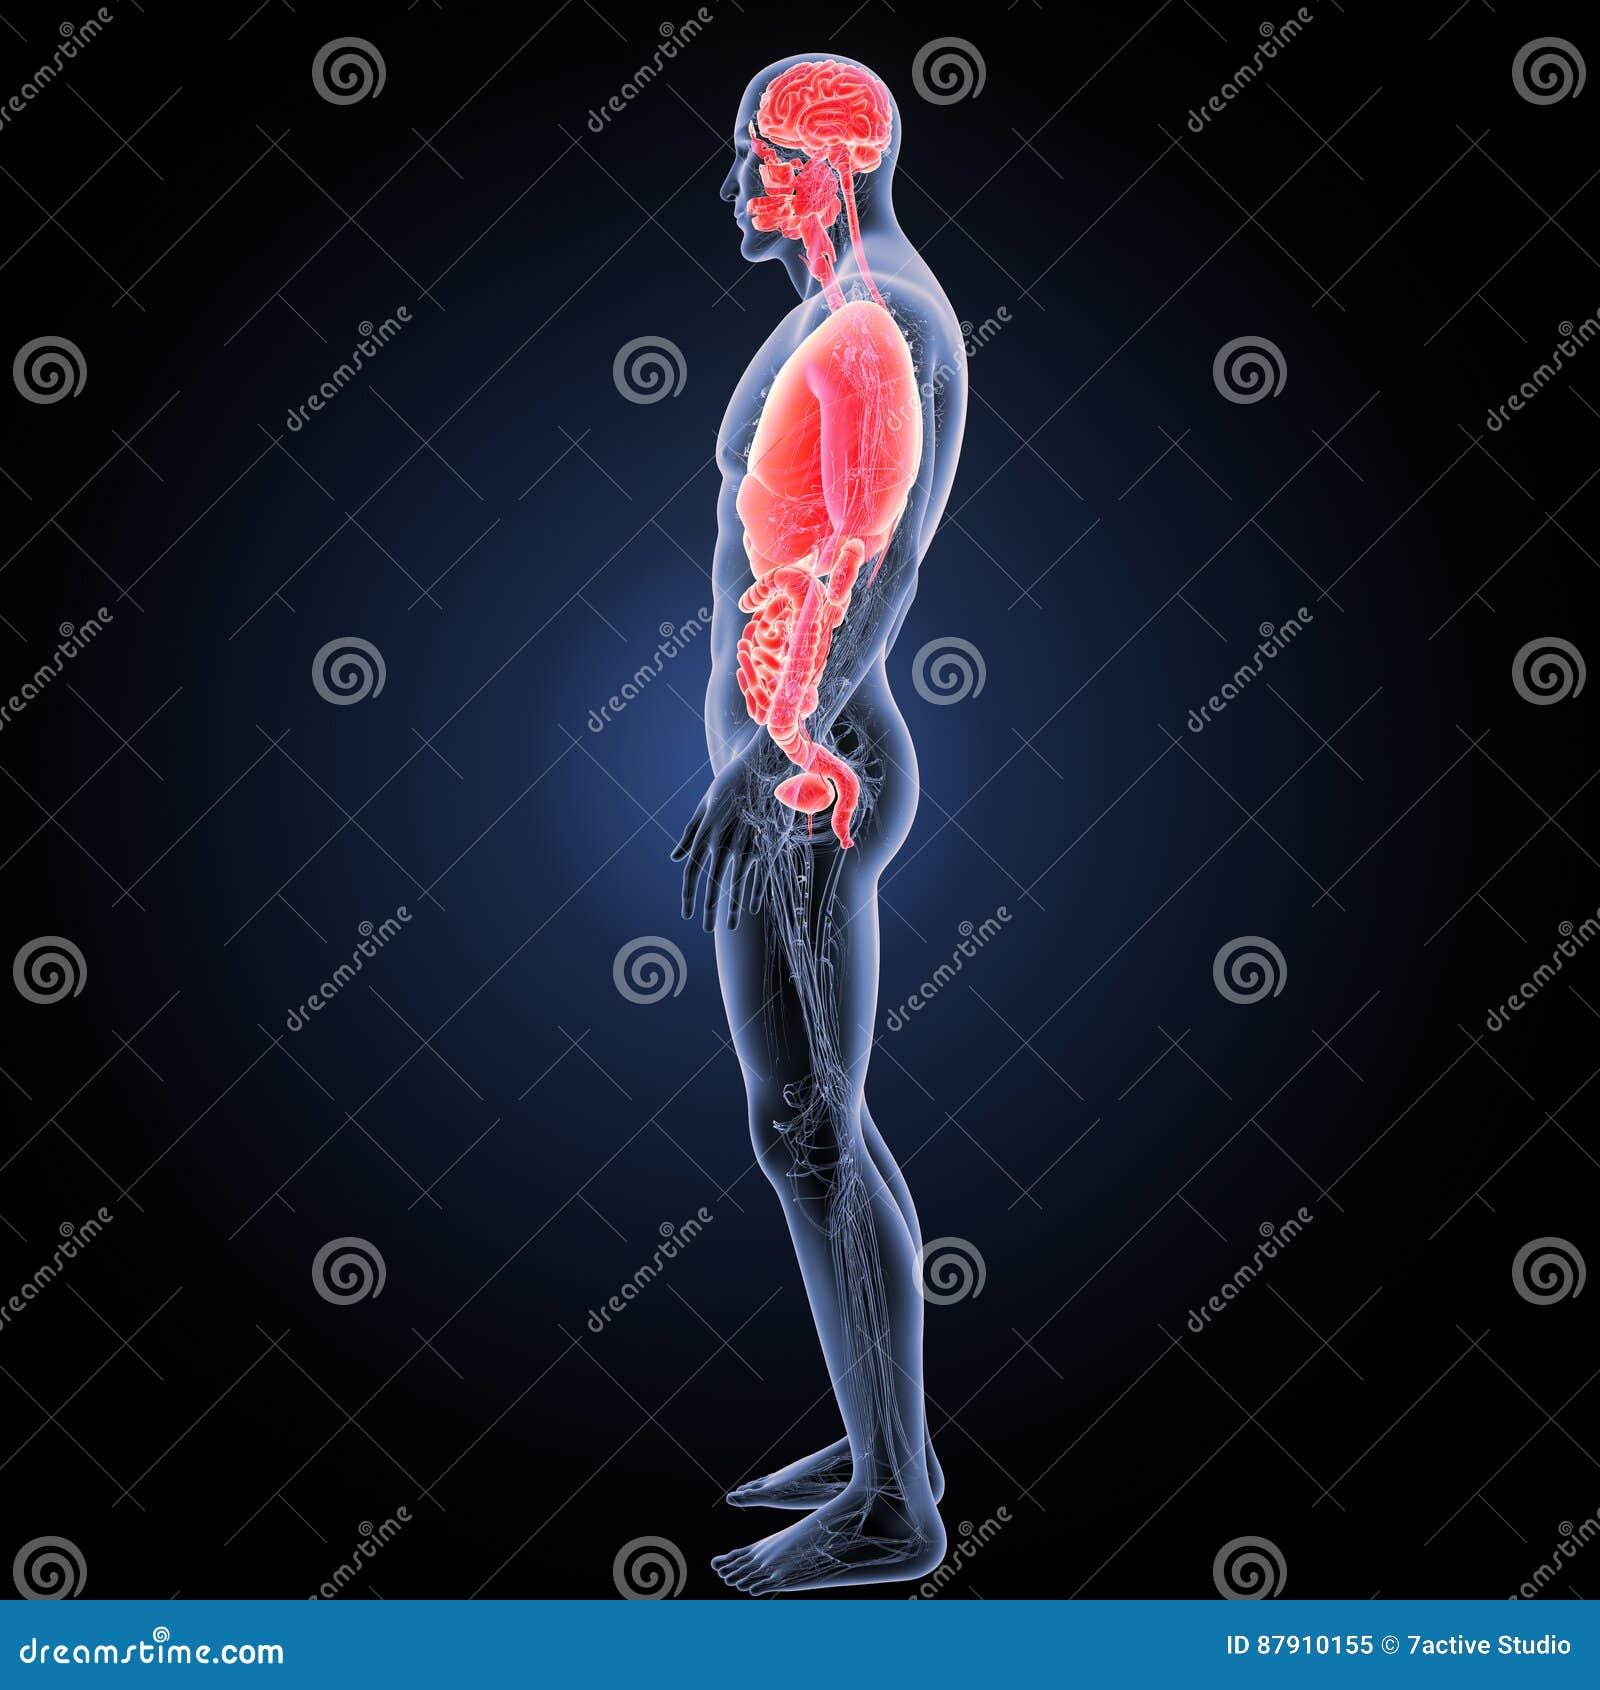 Menschliche Organe Mit Kreislaufsystemseitenansicht Stockbild - Bild ...